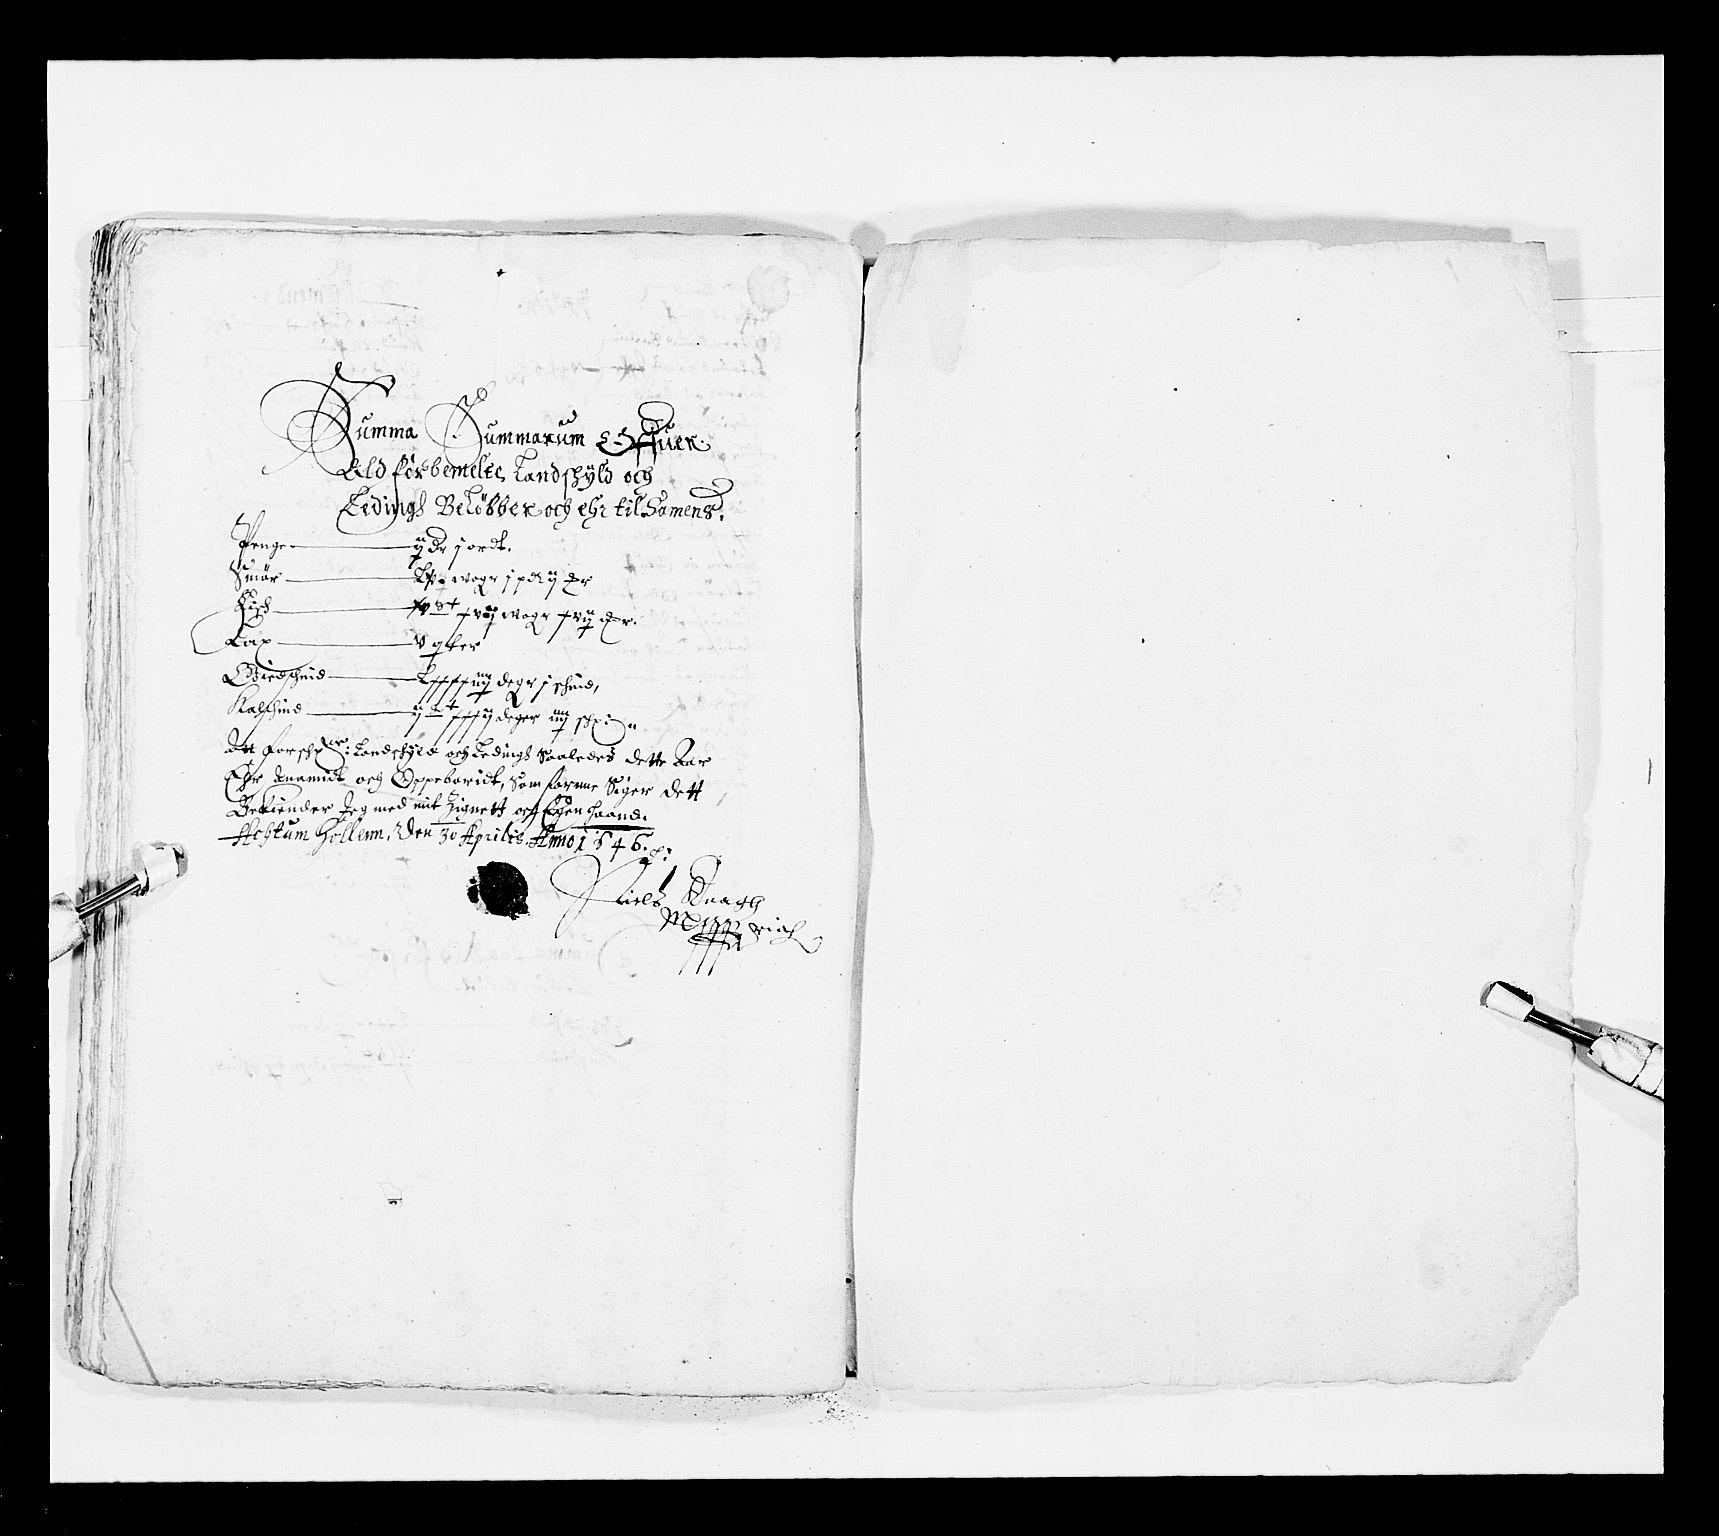 RA, Stattholderembetet 1572-1771, Ek/L0025: Jordebøker 1633-1658:, 1645-1646, s. 261